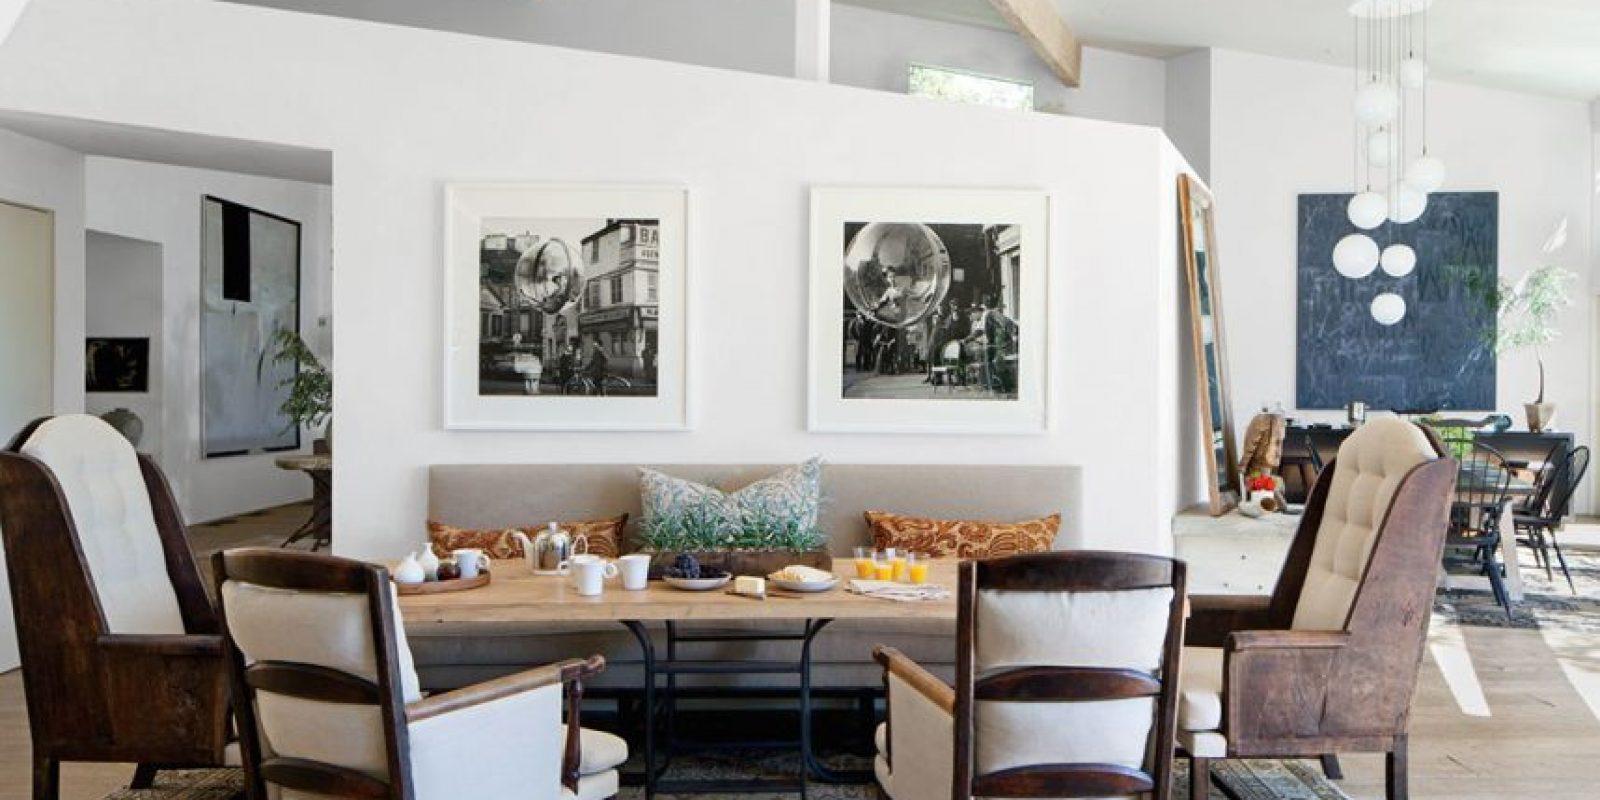 Apartamento del actor Patrick Dempsey en California. Decoración por Estee Stanley | Fotografías por Melvin Sokolsky | Mesa Teak Nichols | Sillas Lucca Antiques Foto:Architectural Digest. Imagen Por: